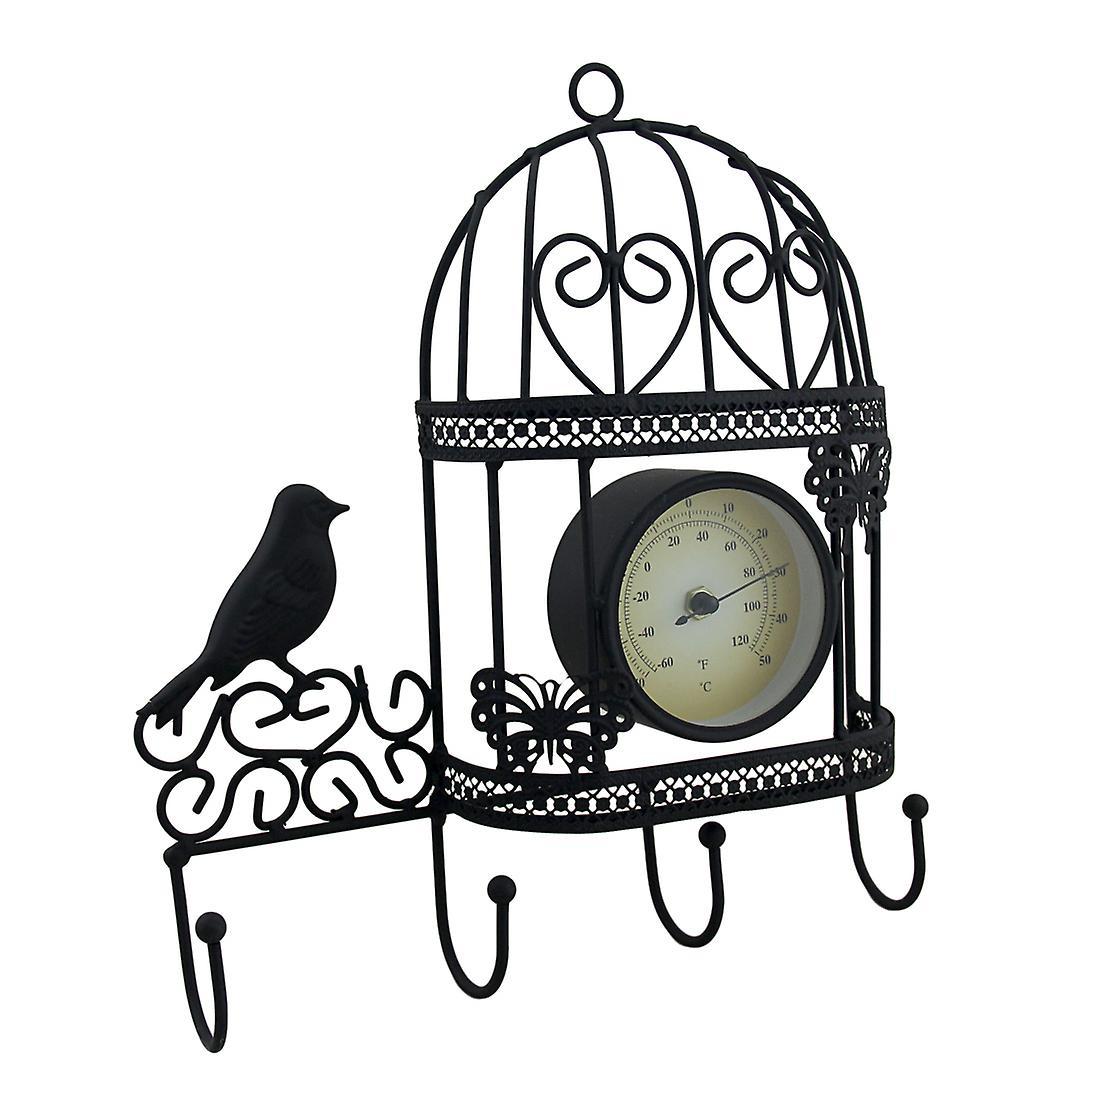 Termometro da parete in metallo Birdcage e gancio a muro decorativo